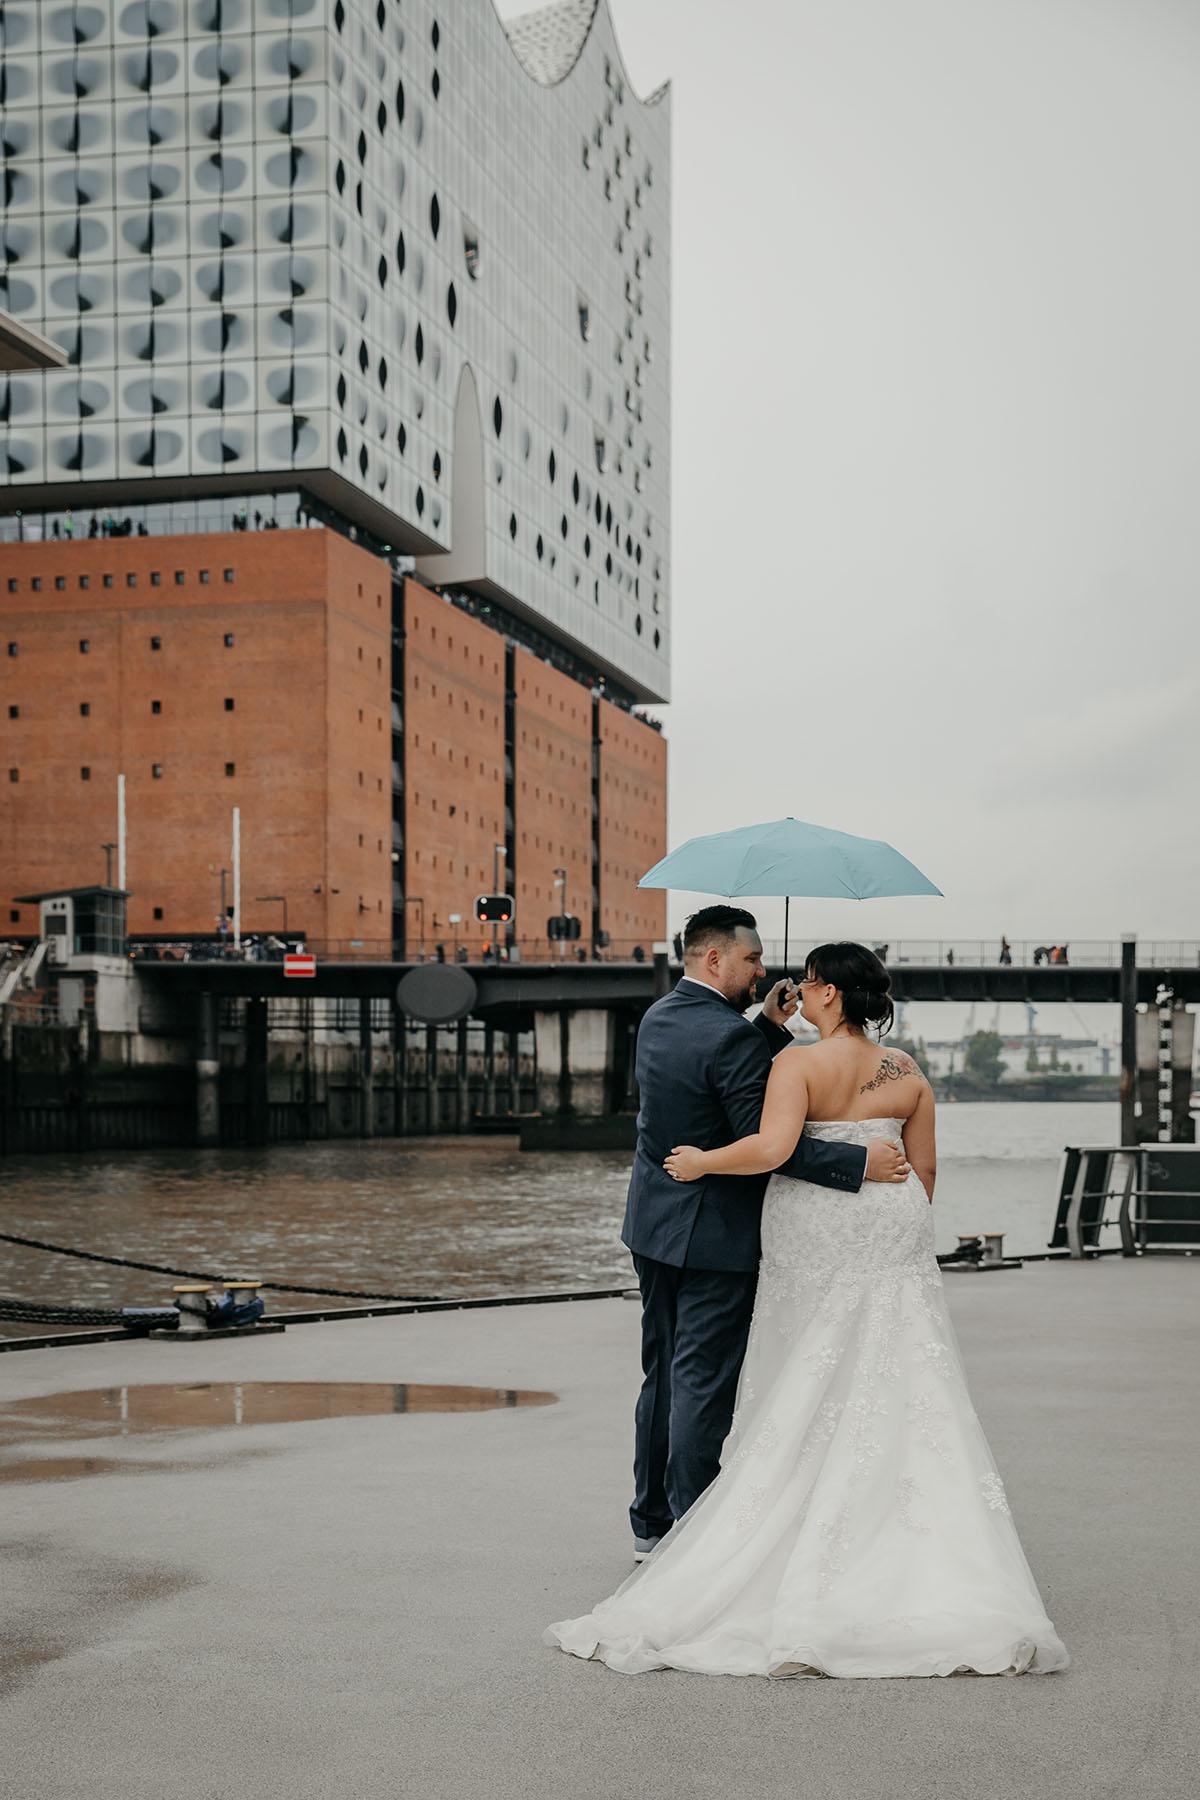 Hochzeitsfoto im Regen an der Elbphilharmonie